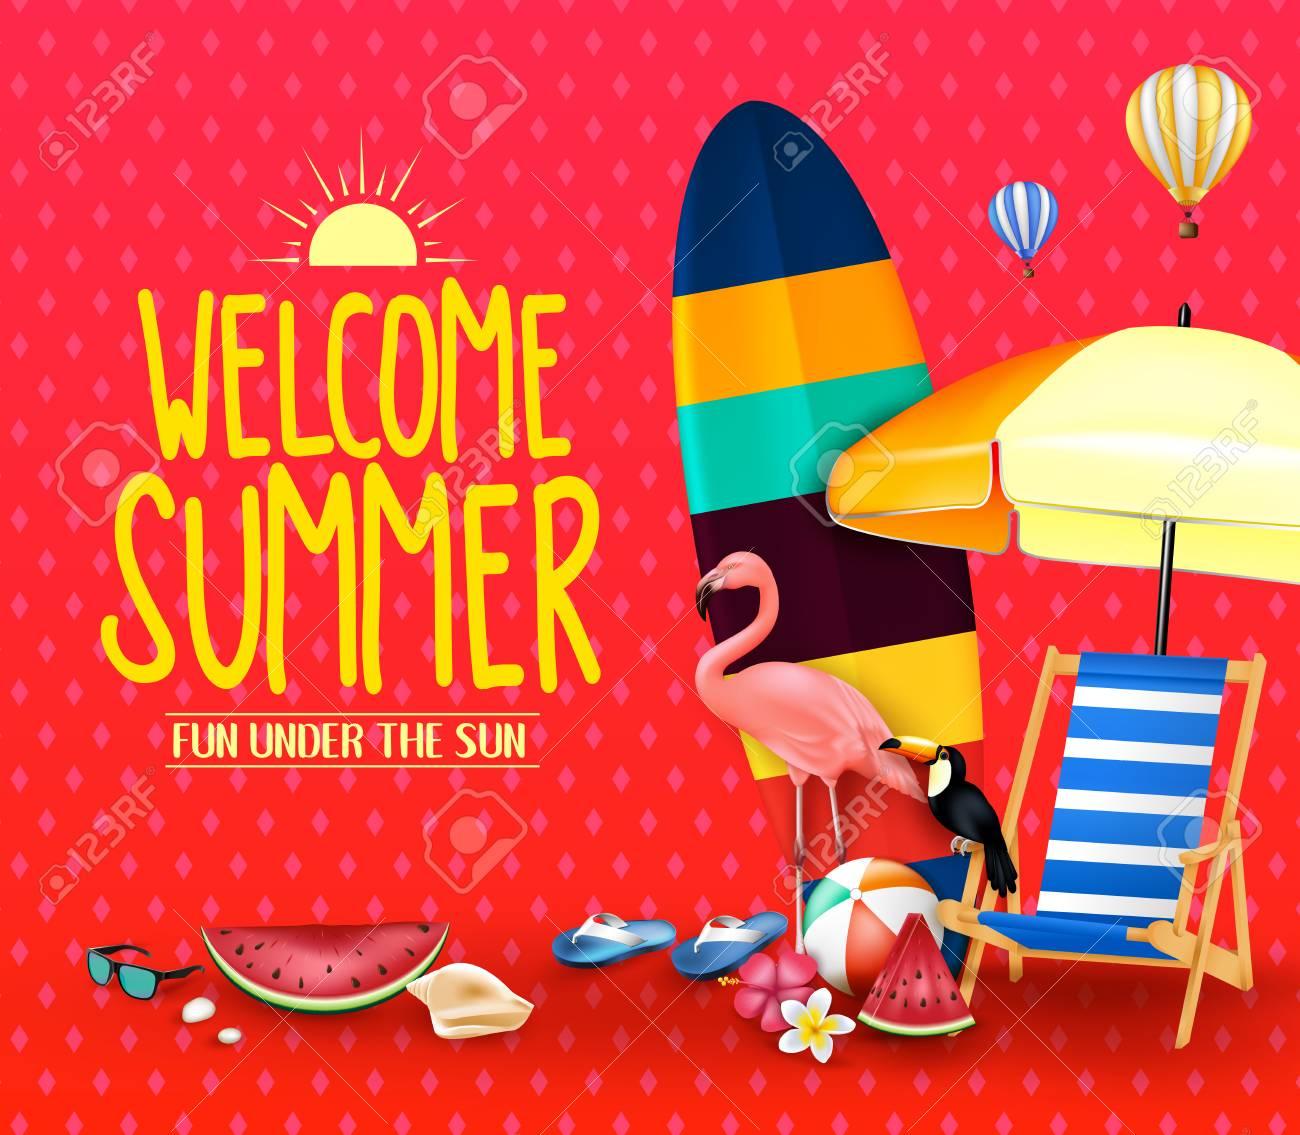 welcome summer fun under